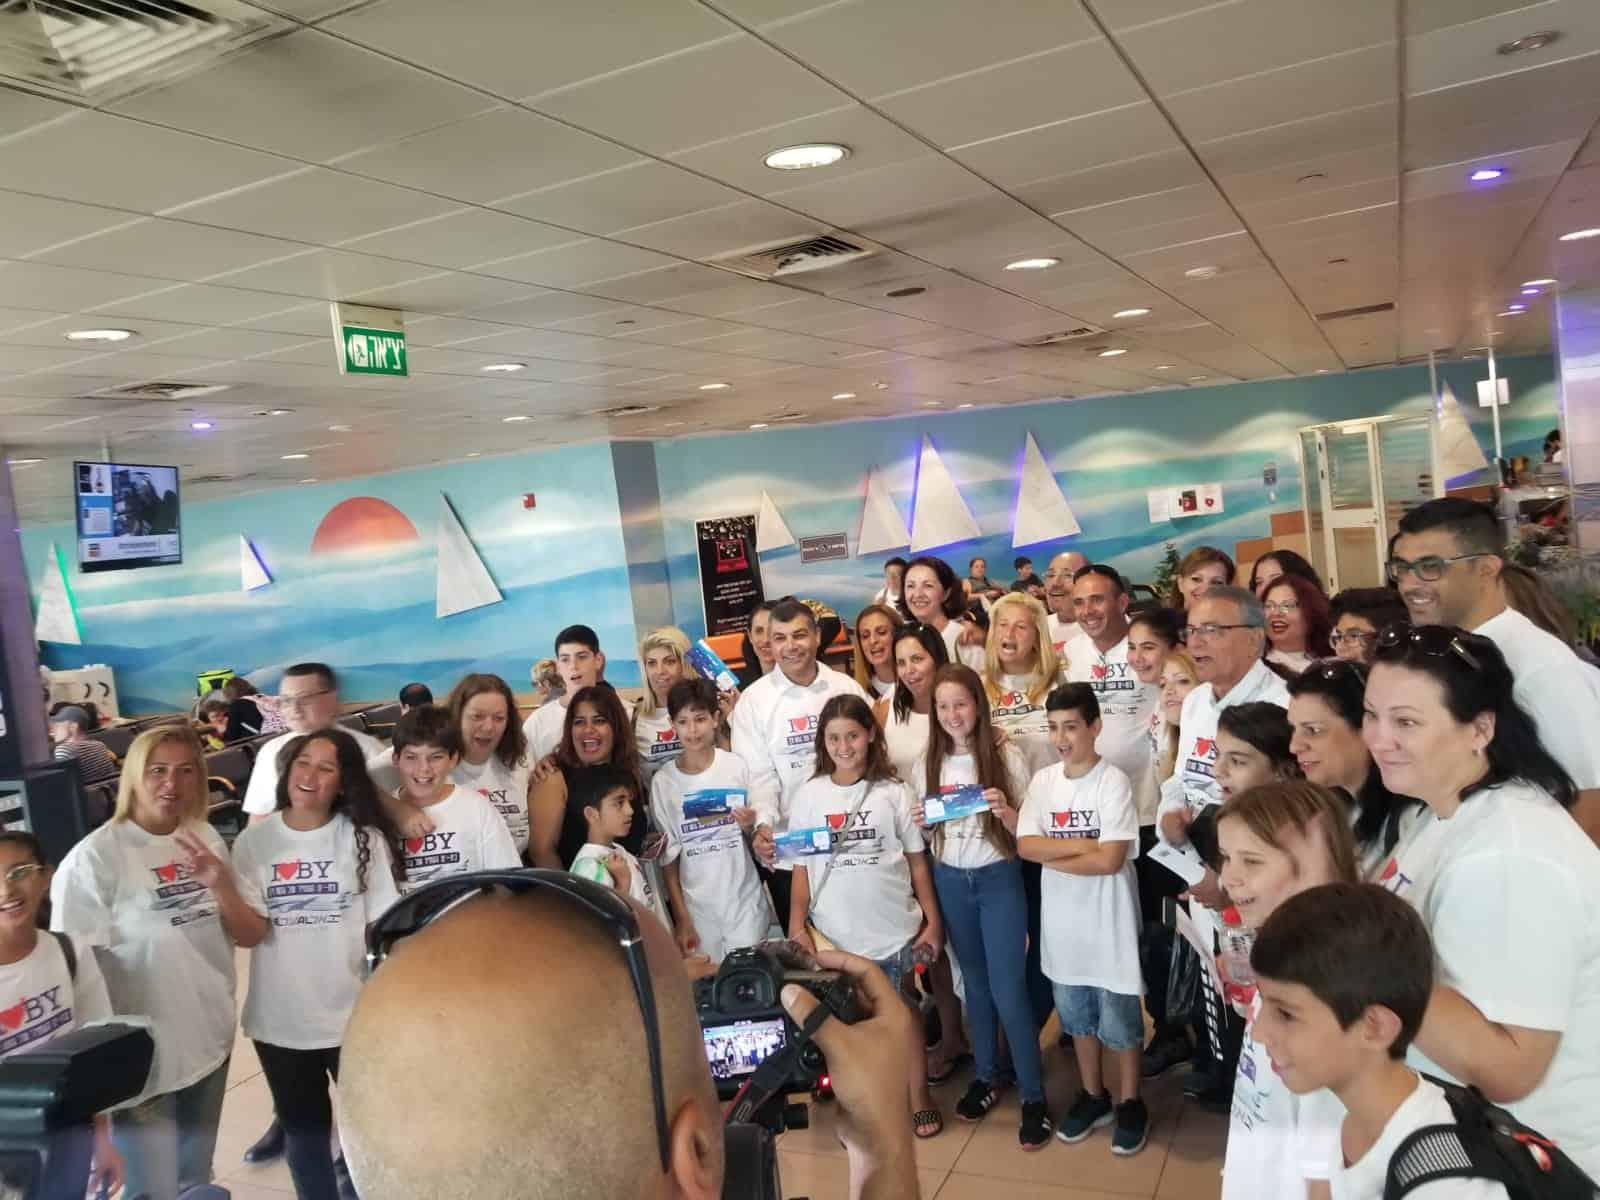 התלמידים הנרגשים רגע לפני העלייה למטוס, צילום: כנרת שמרוני